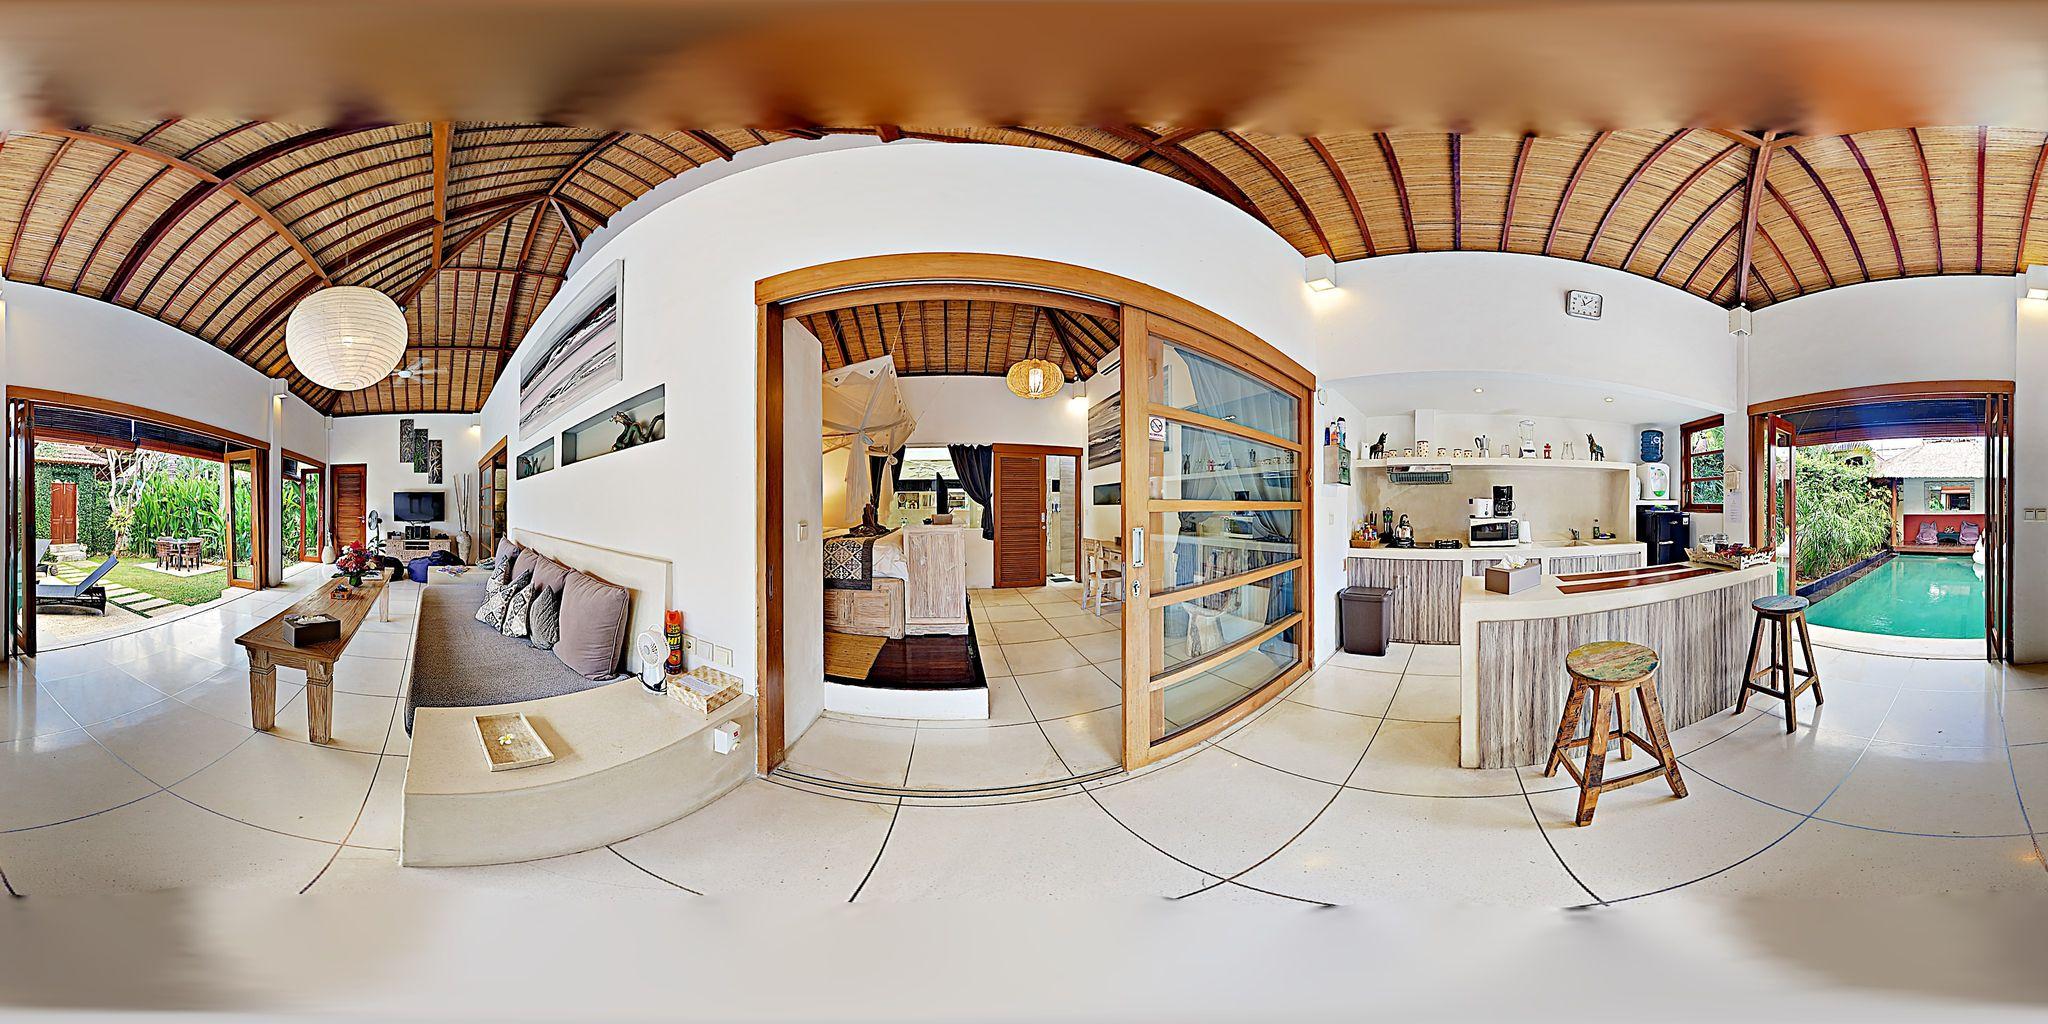 この物件の間取りや設備を 360 度自由に見ることができます。